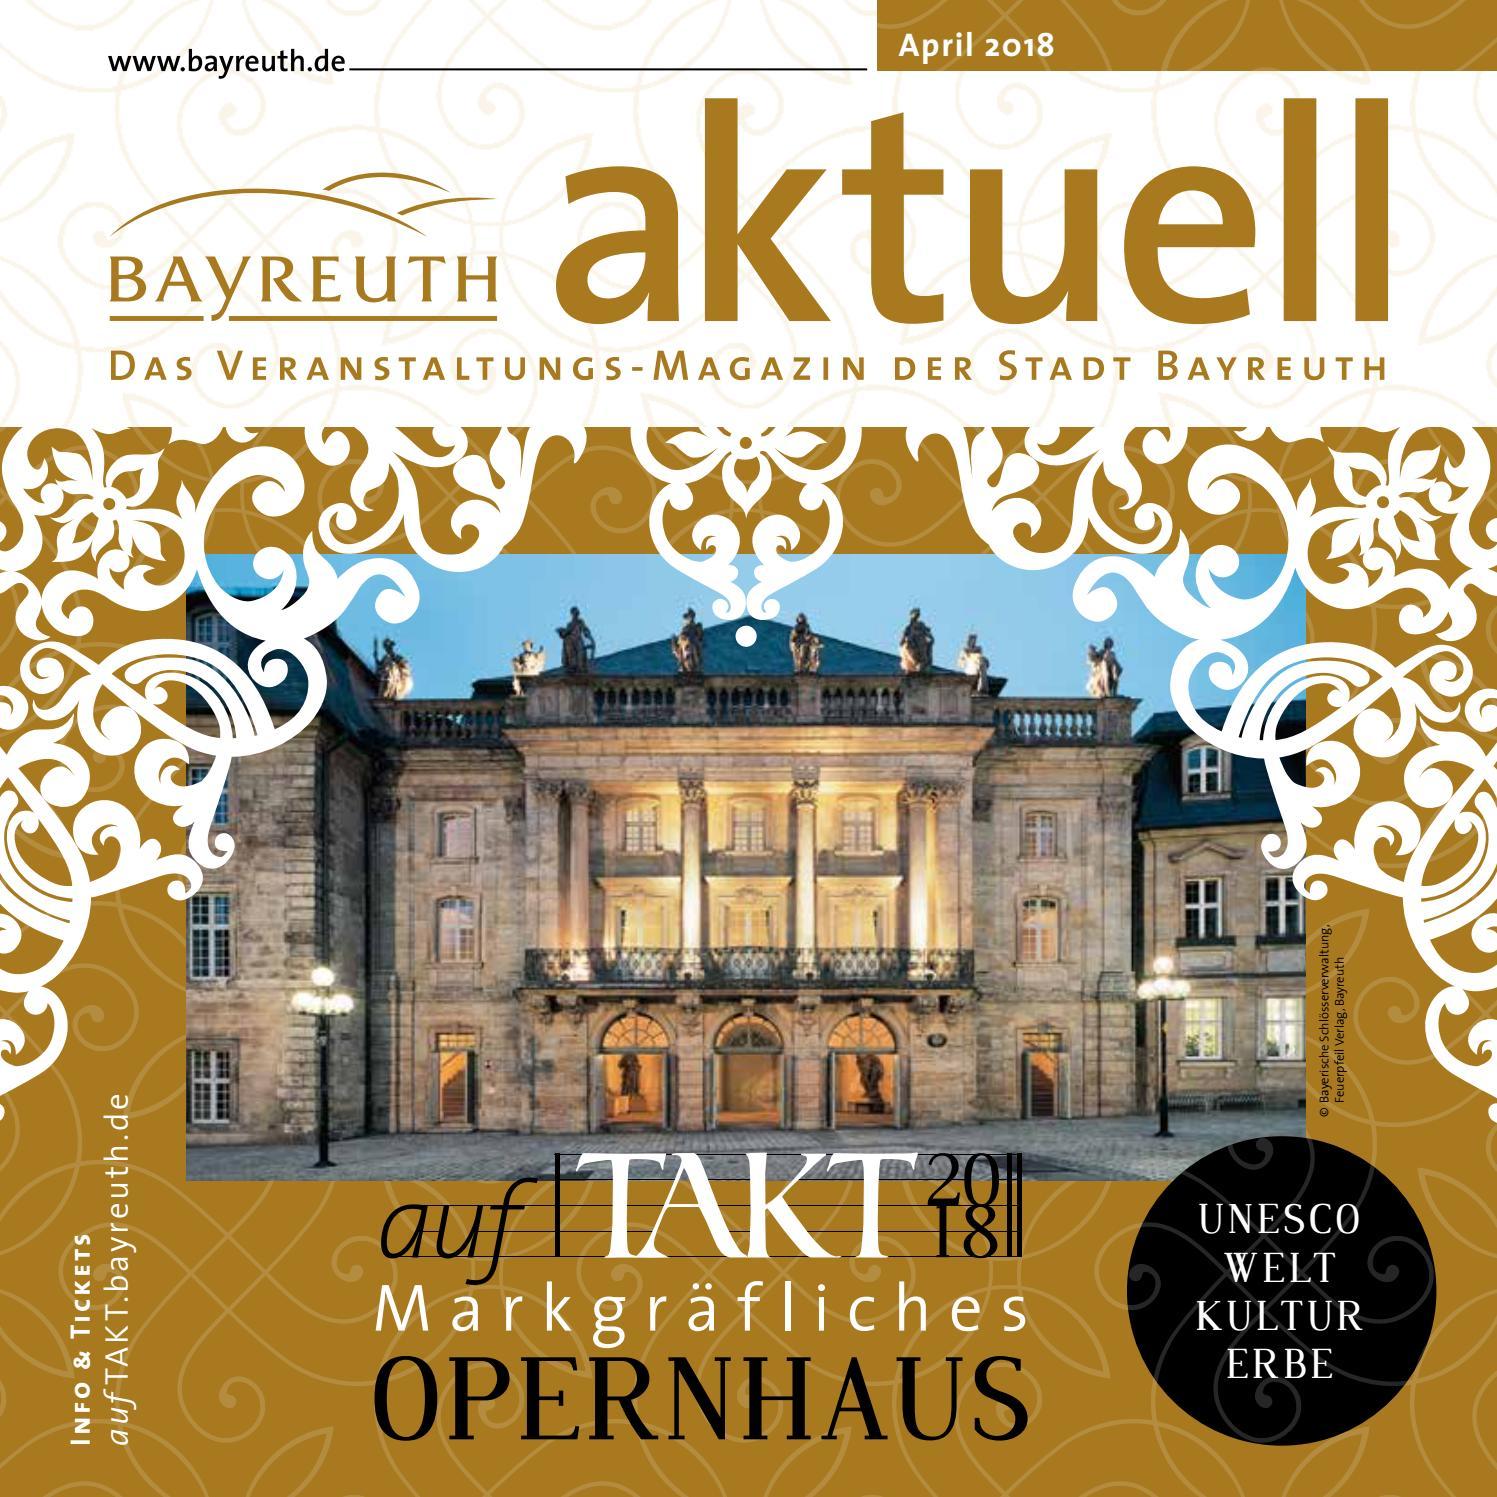 Bayreuther Festspiele Tickets Tickets Bayreuth Gute Begleiter FüR Kinder Sowie Erwachsene